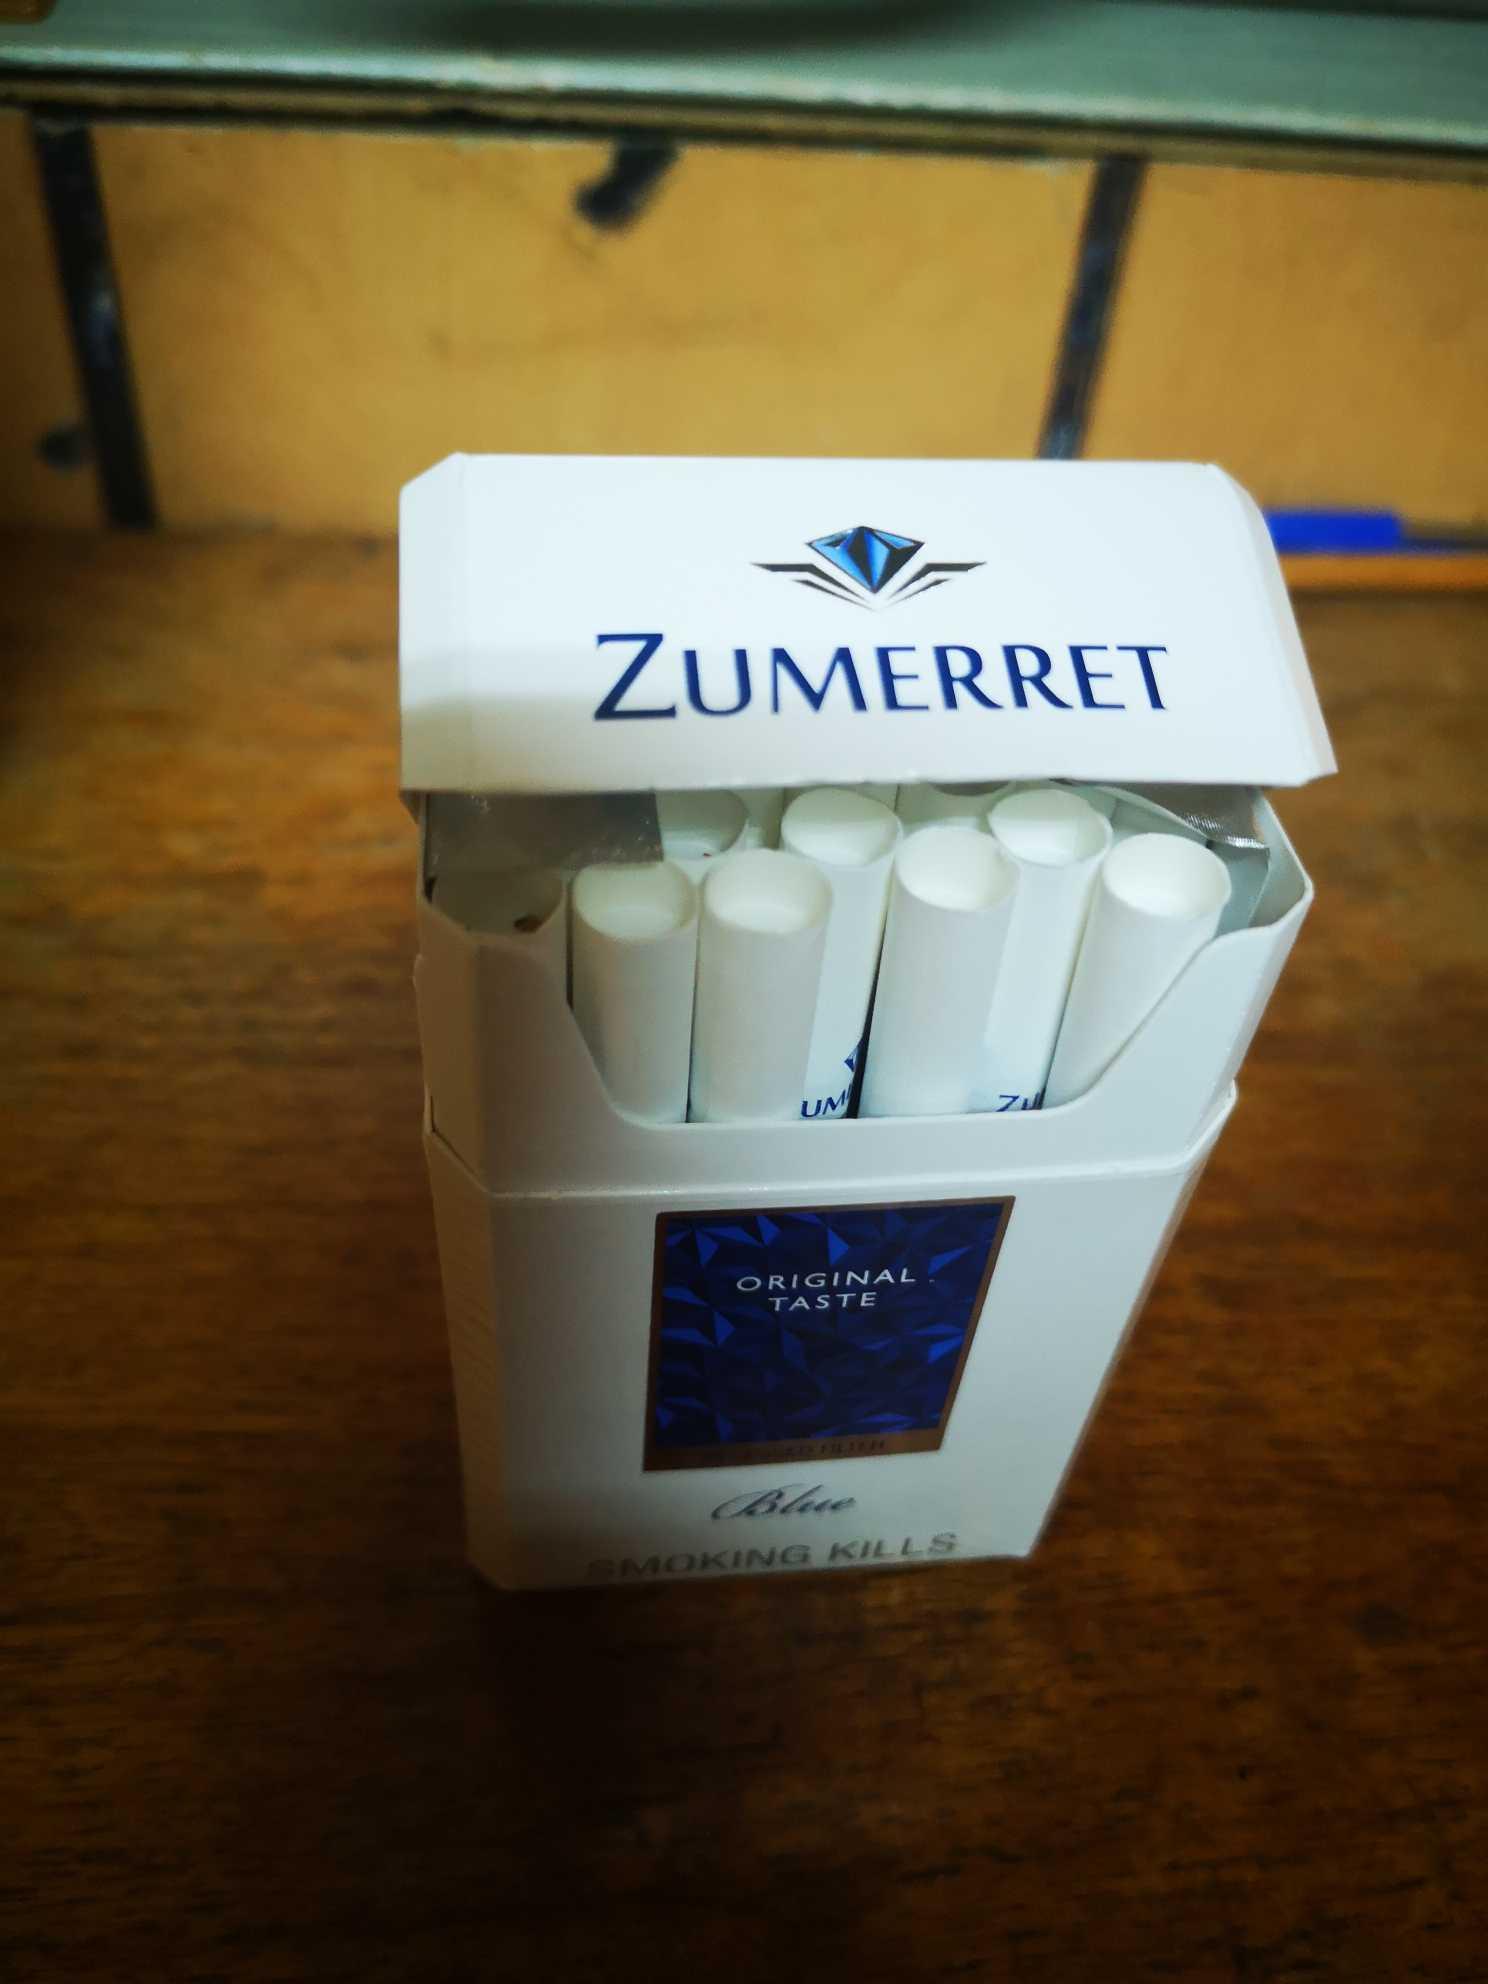 Zumerret сигареты купить лицензия сигареты оптом